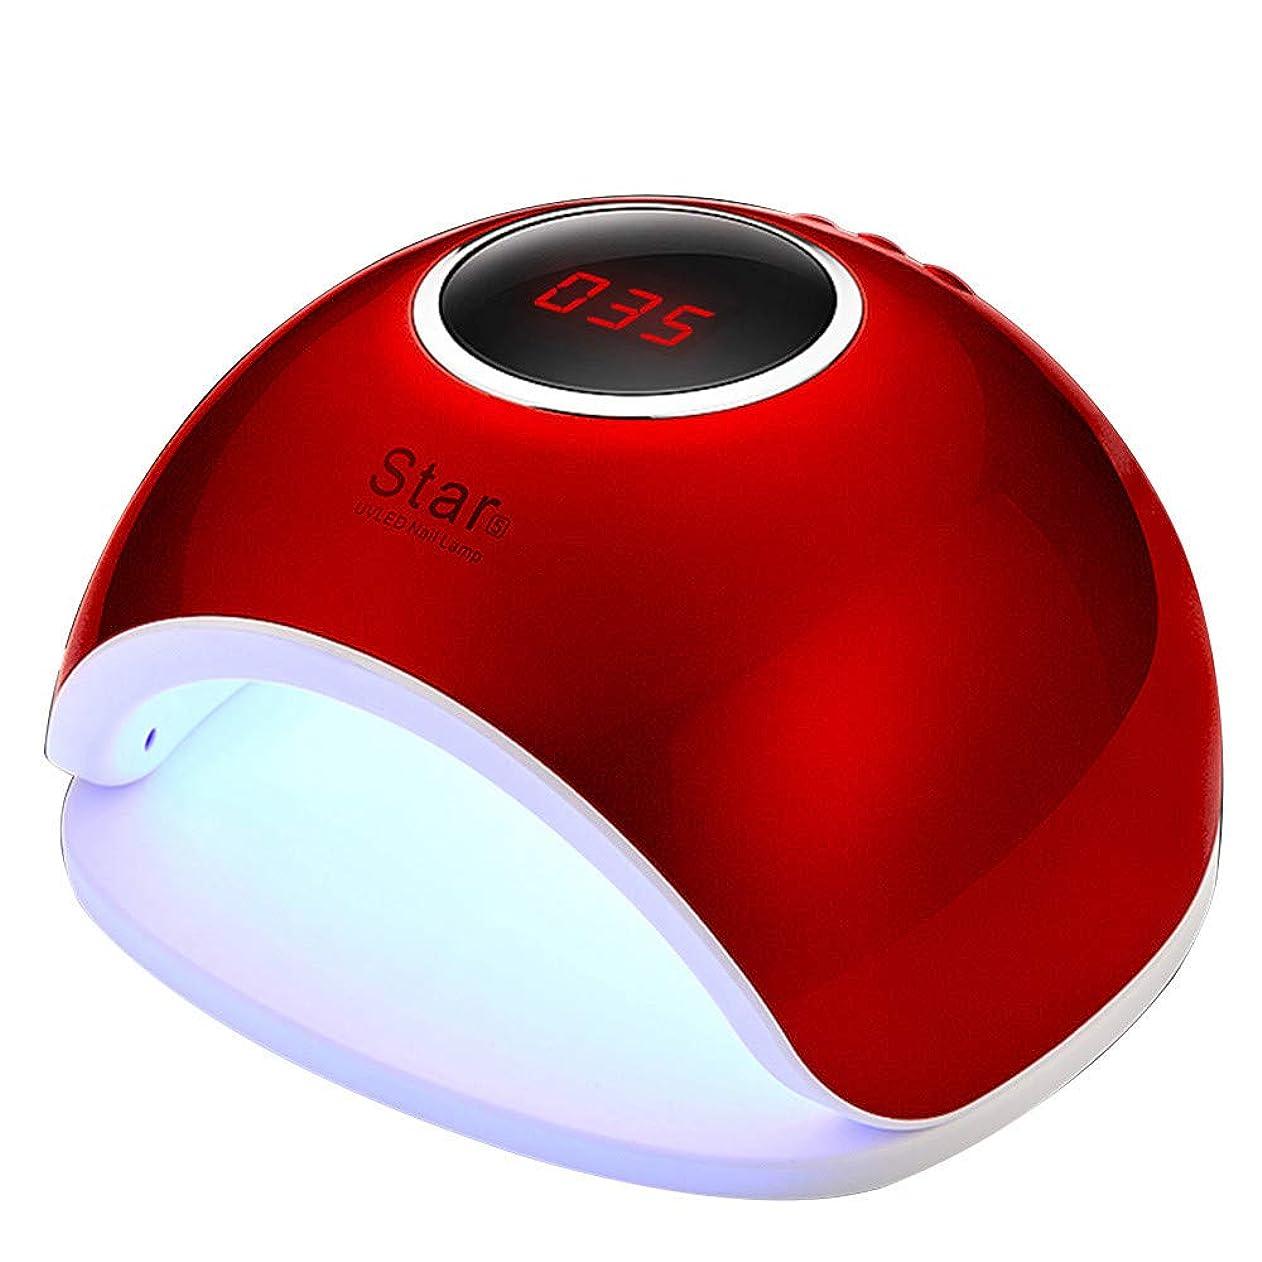 道徳または上回る72W LED+UV二重光源 ネイルランプ ネイルドライヤー ジェルネイル 紫外線 高速硬化 乾燥器具 (レッド)